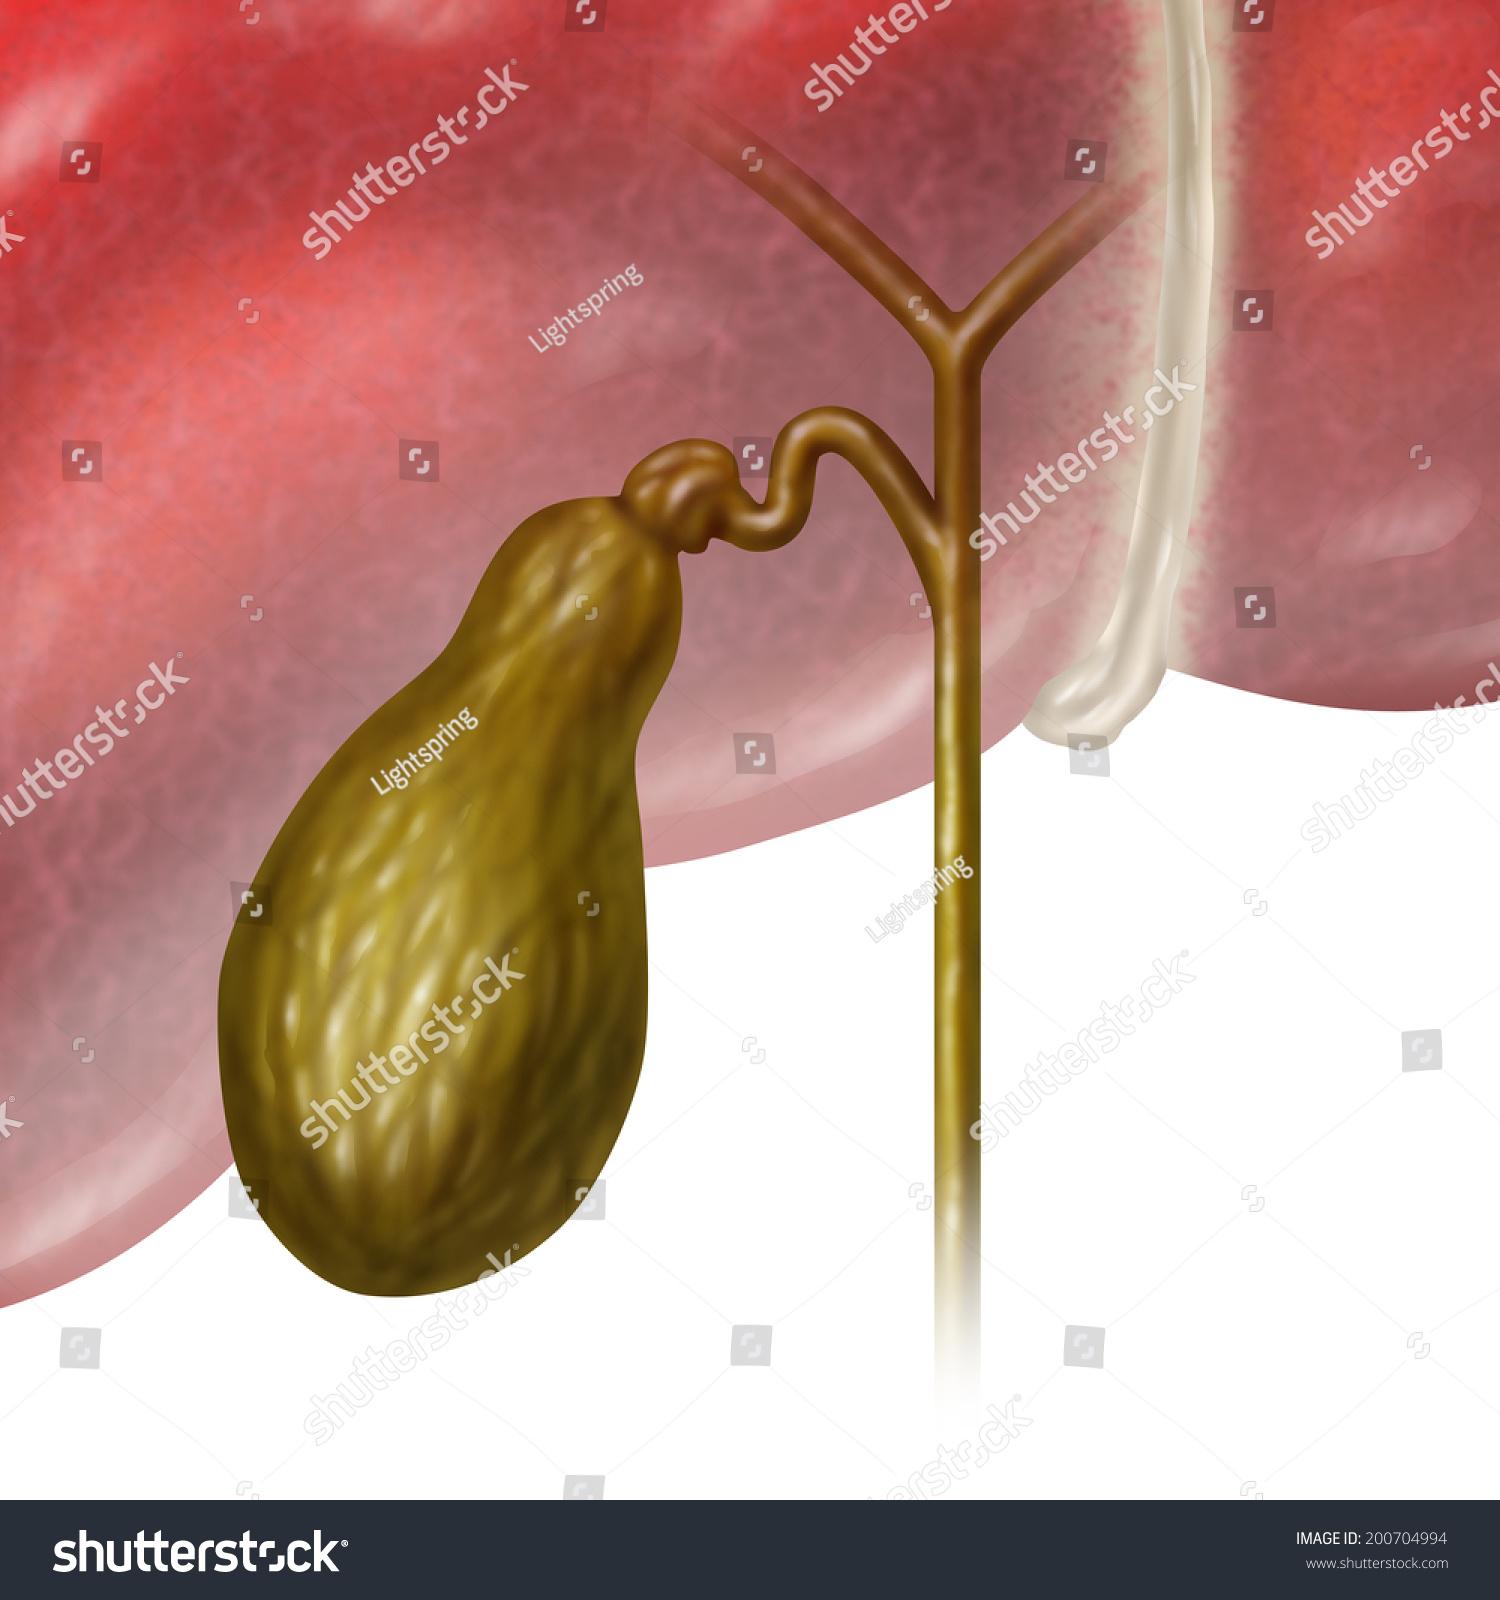 Gallbladder Gall Bladder Human Internal Organ Stock Illustration